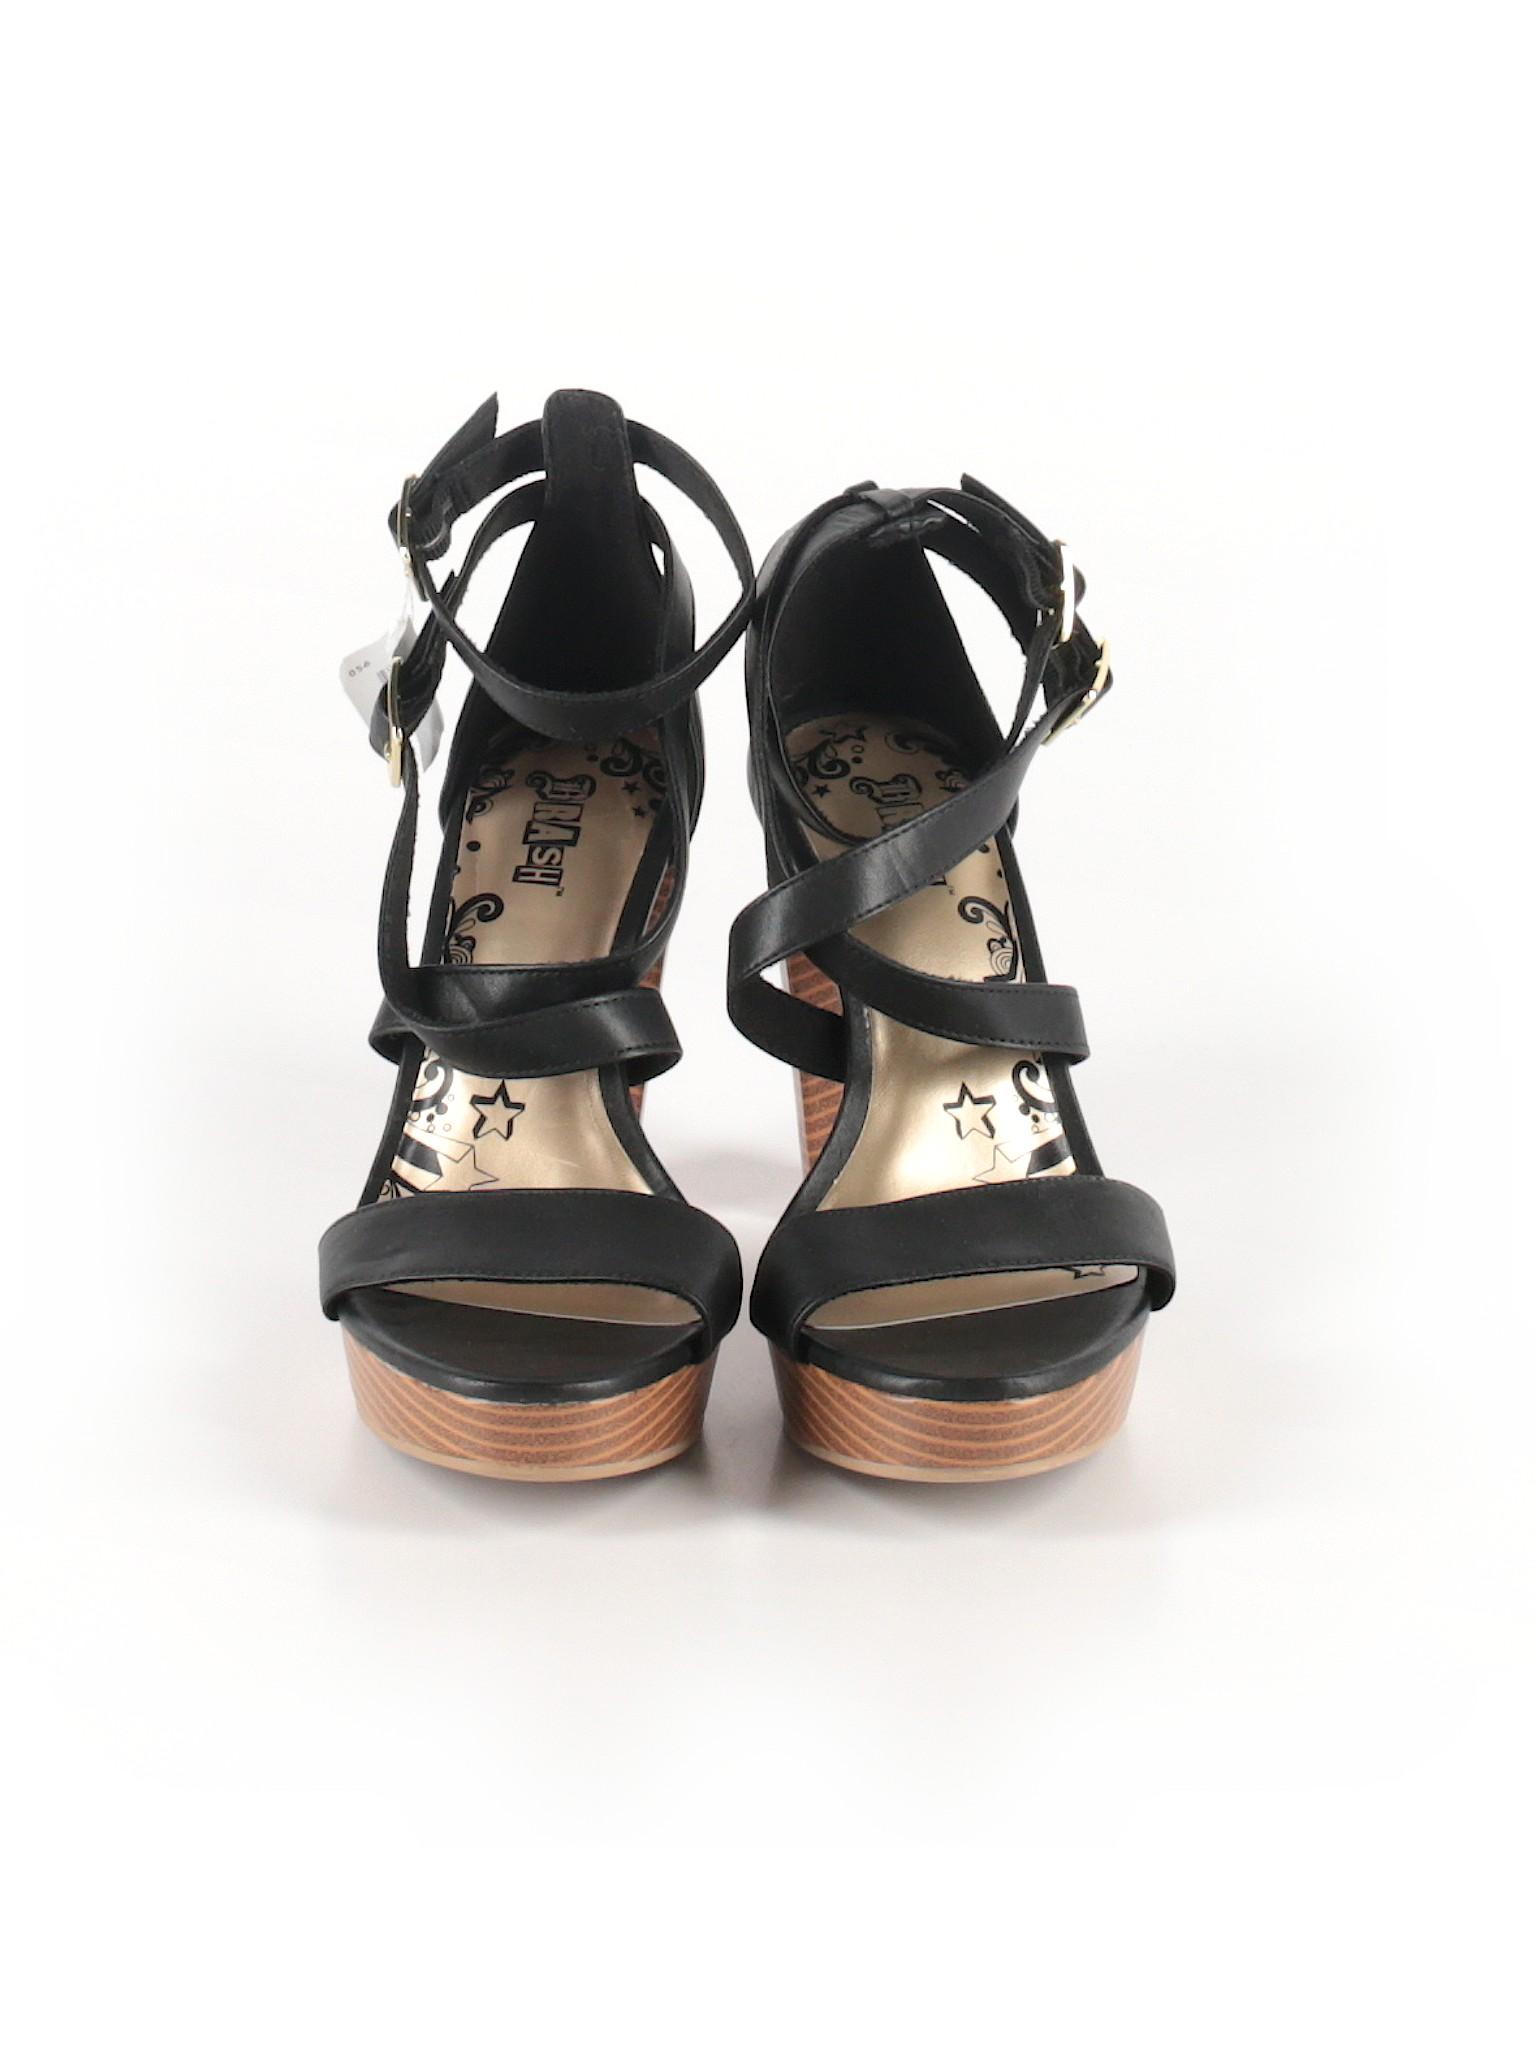 Boutique promotion Brash promotion Heels Boutique rvrXqgZx